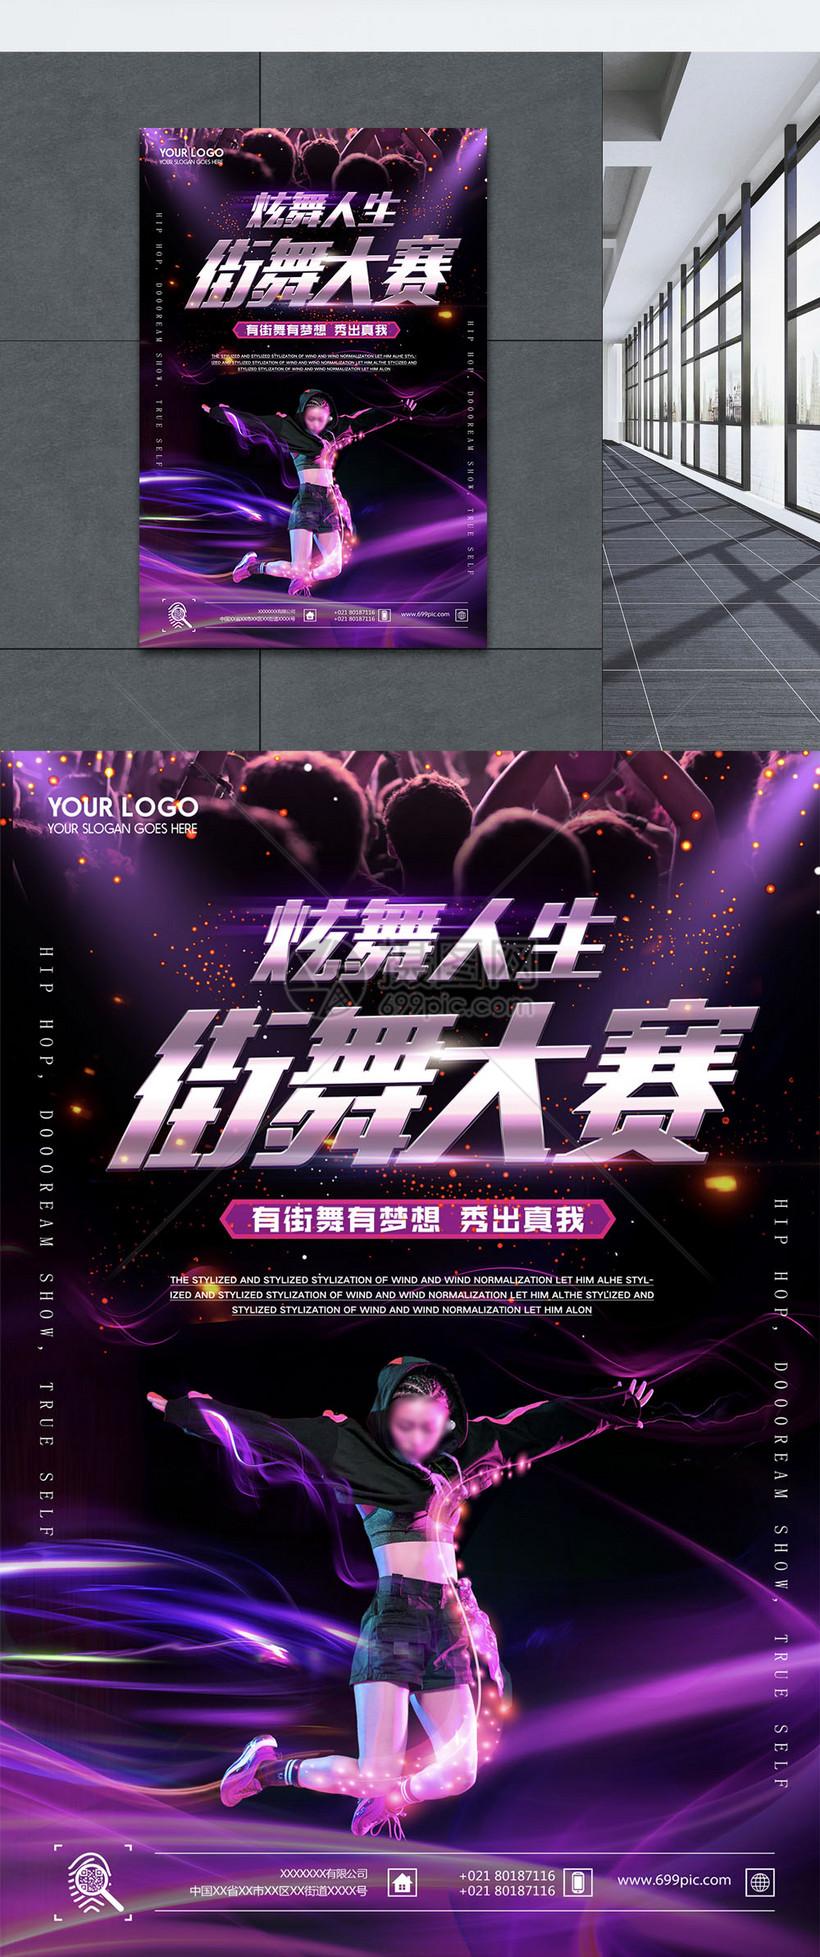 炫舞大厅背景音乐_创意炫舞人生舞蹈大赛宣传海报模板素材-正版图片400877178-摄图网